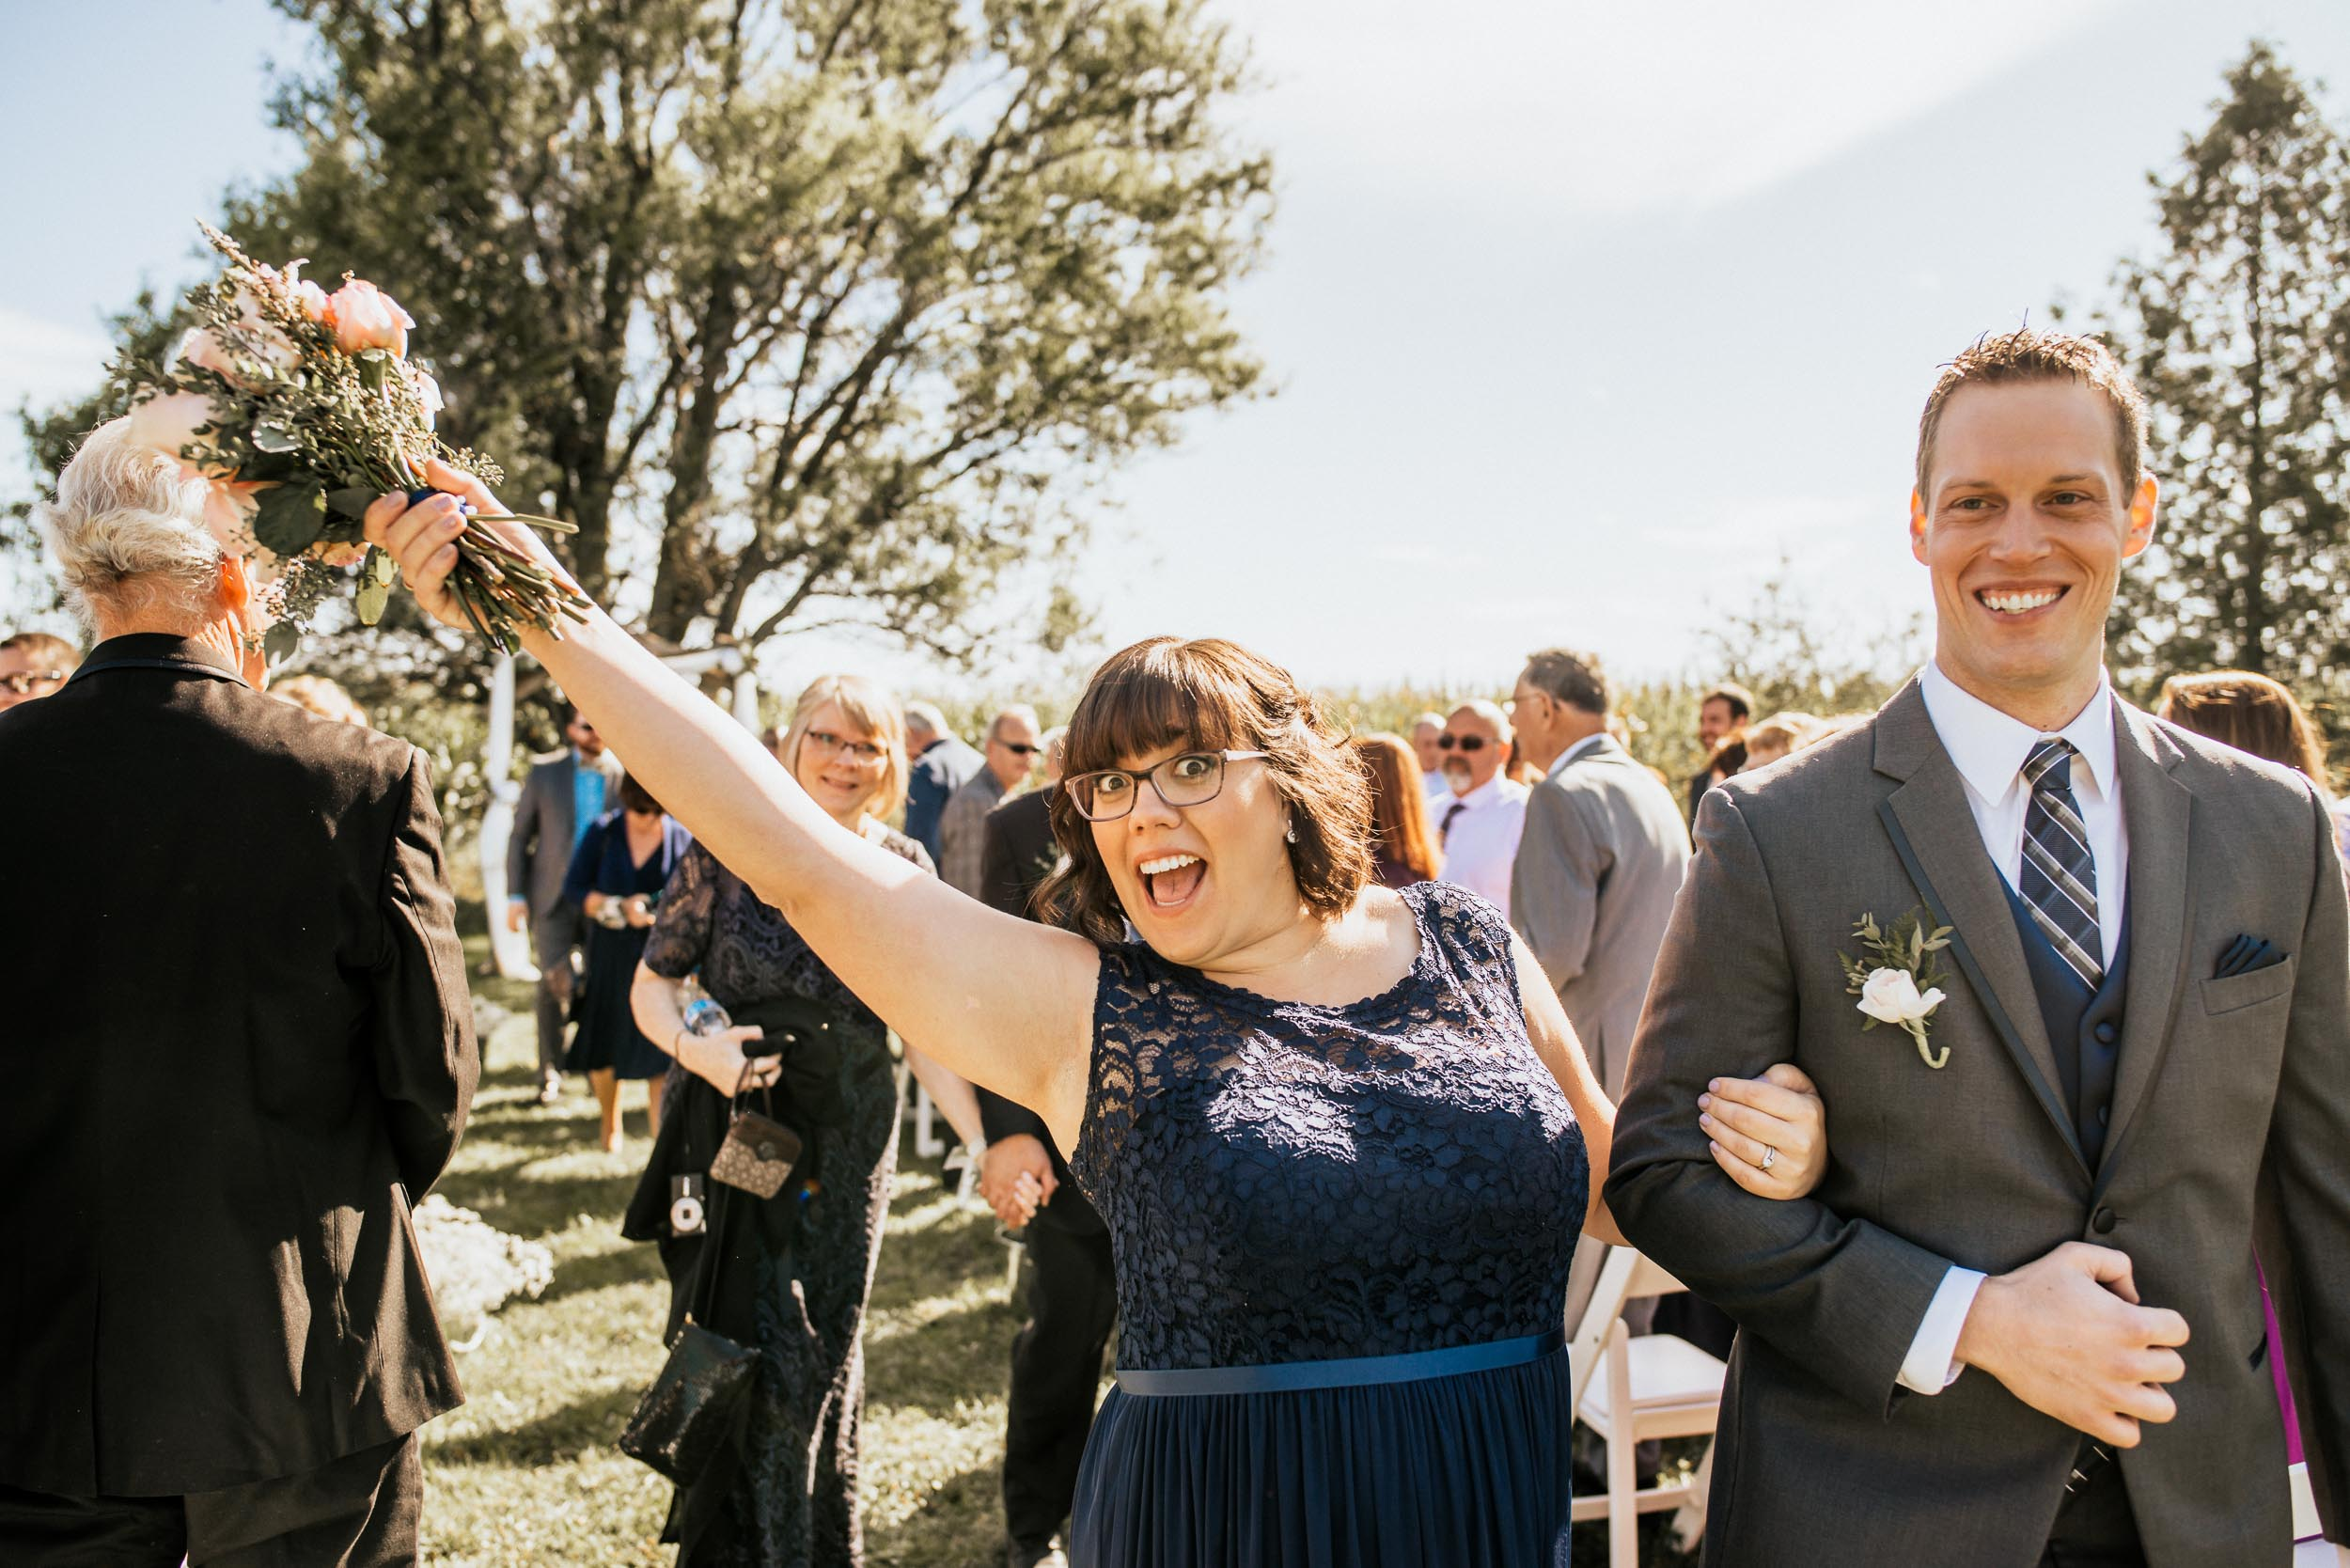 wedding-photography-stratford-davidiam-220.jpg